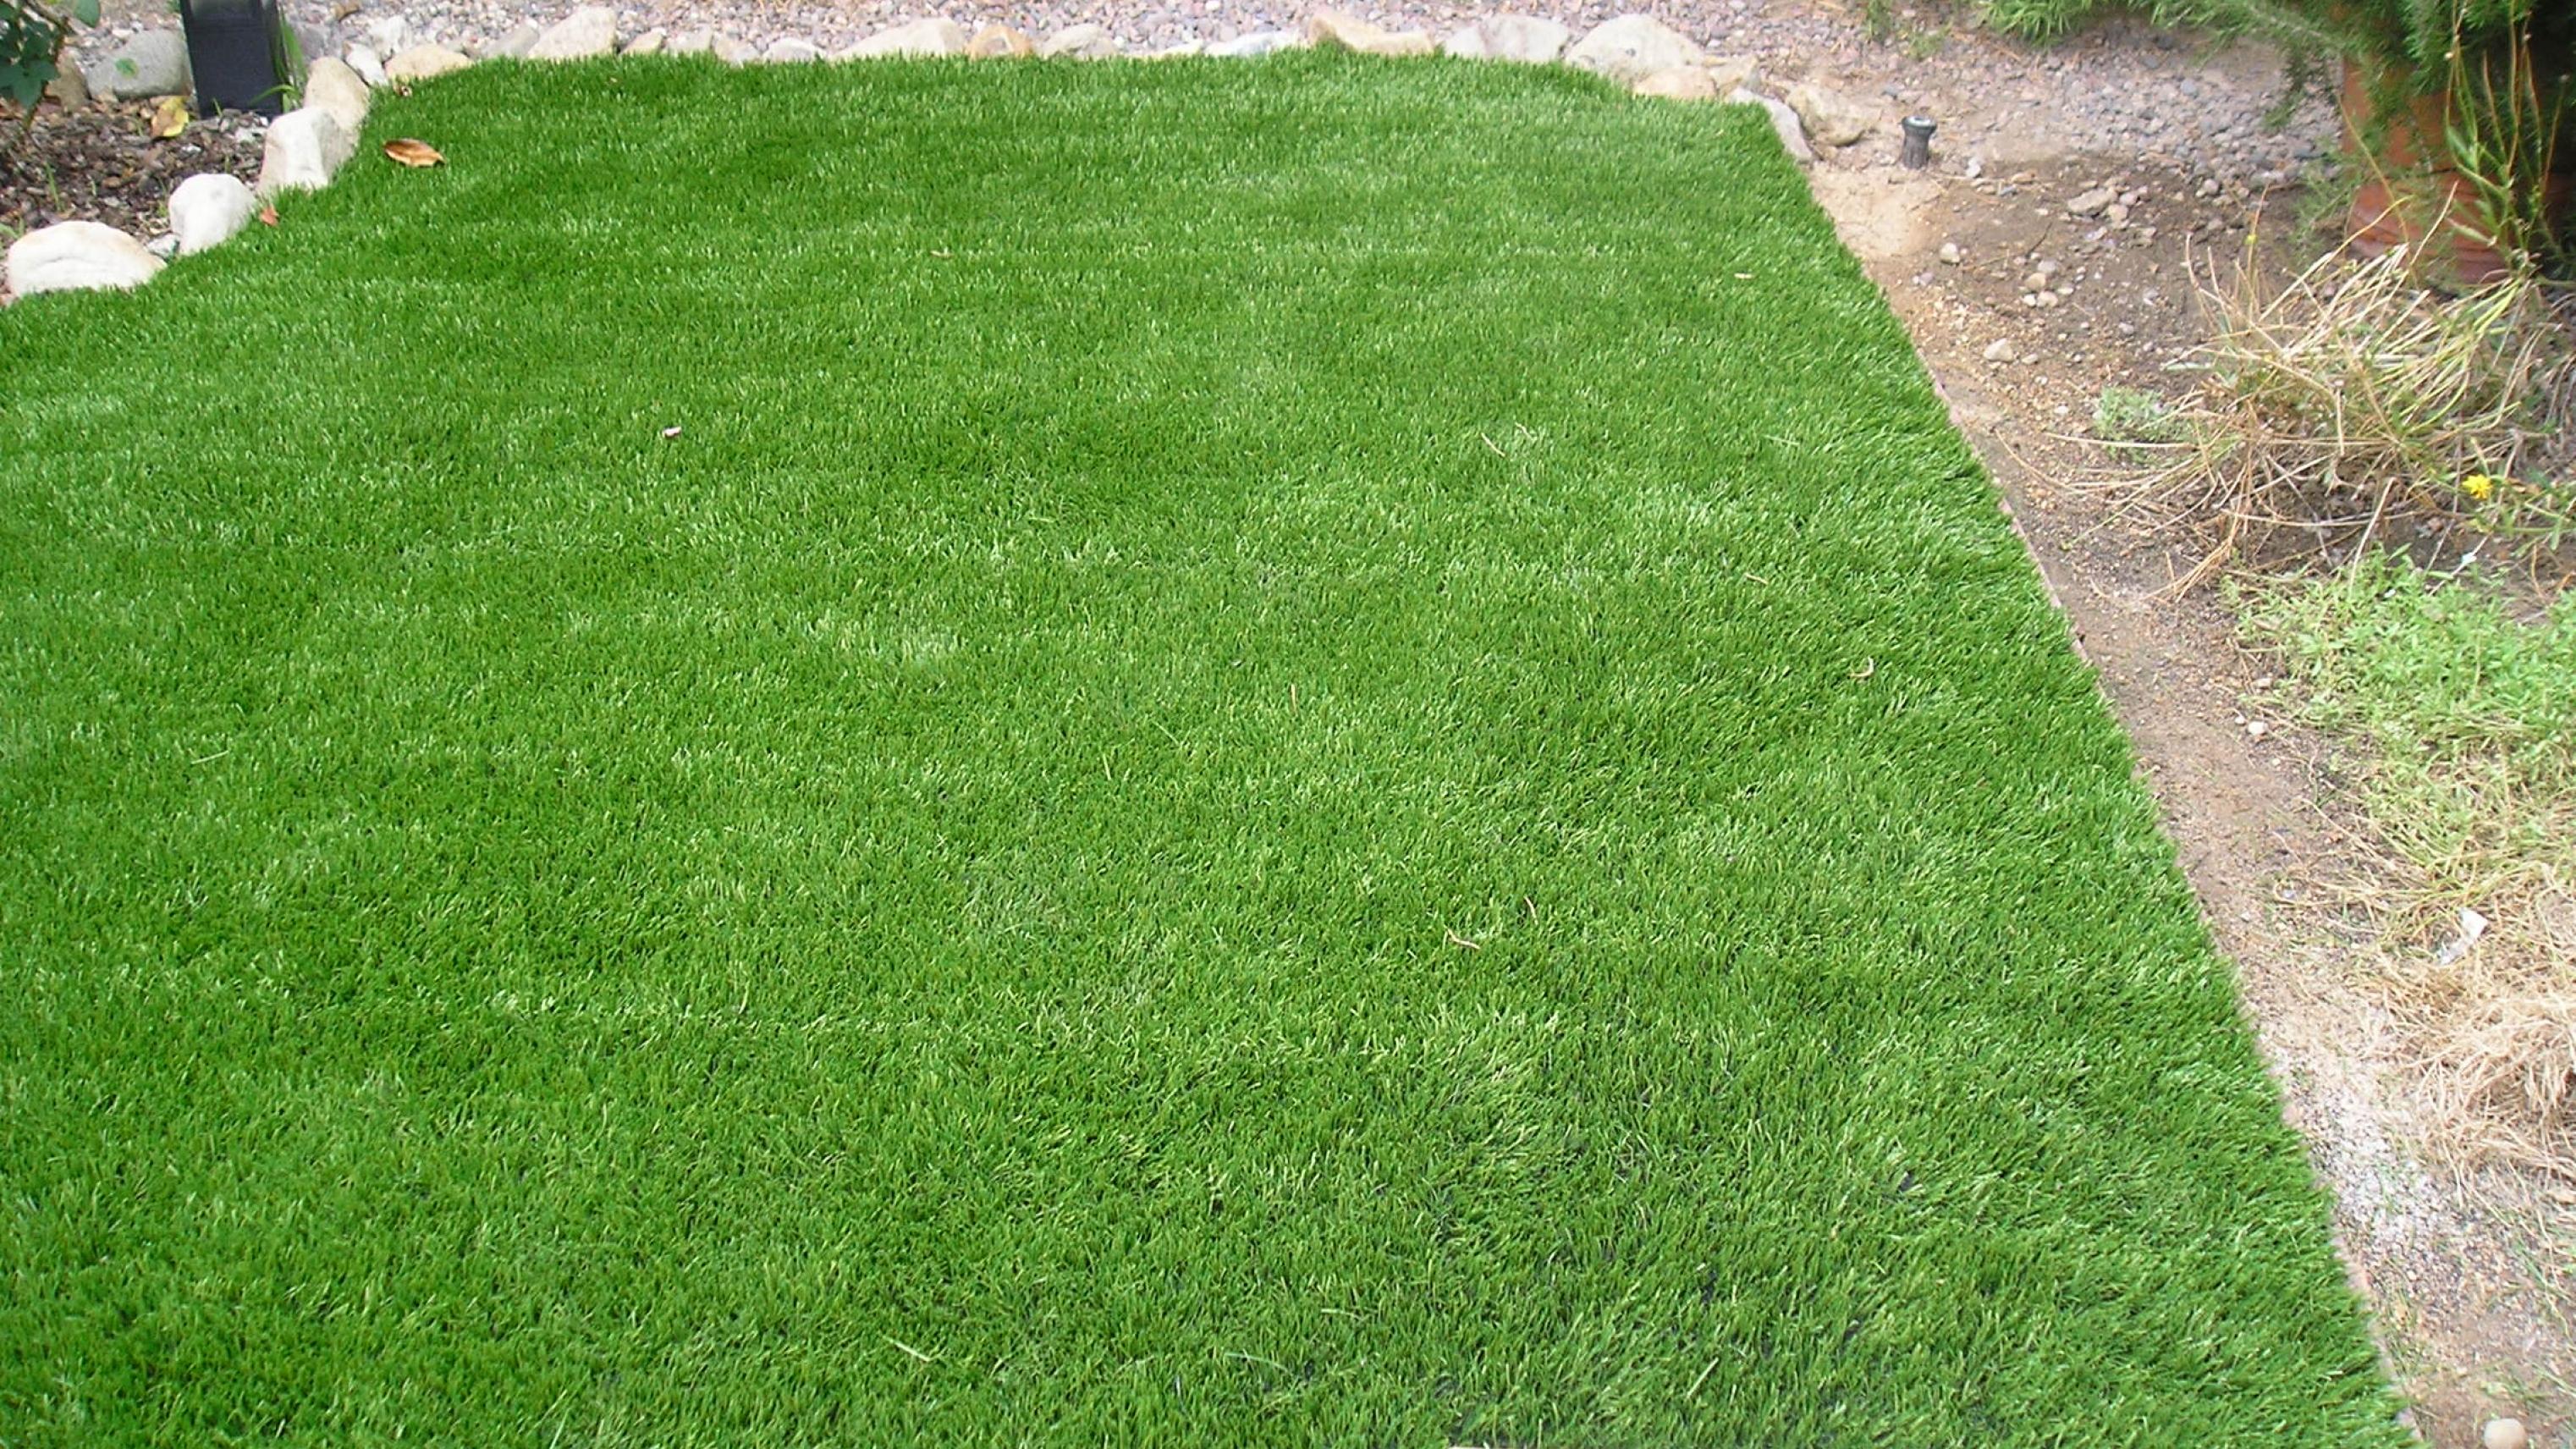 Super Natural 60 artificial grass installation,installing artificial grass,artificial turf installation,how to install artificial turf,turf installation